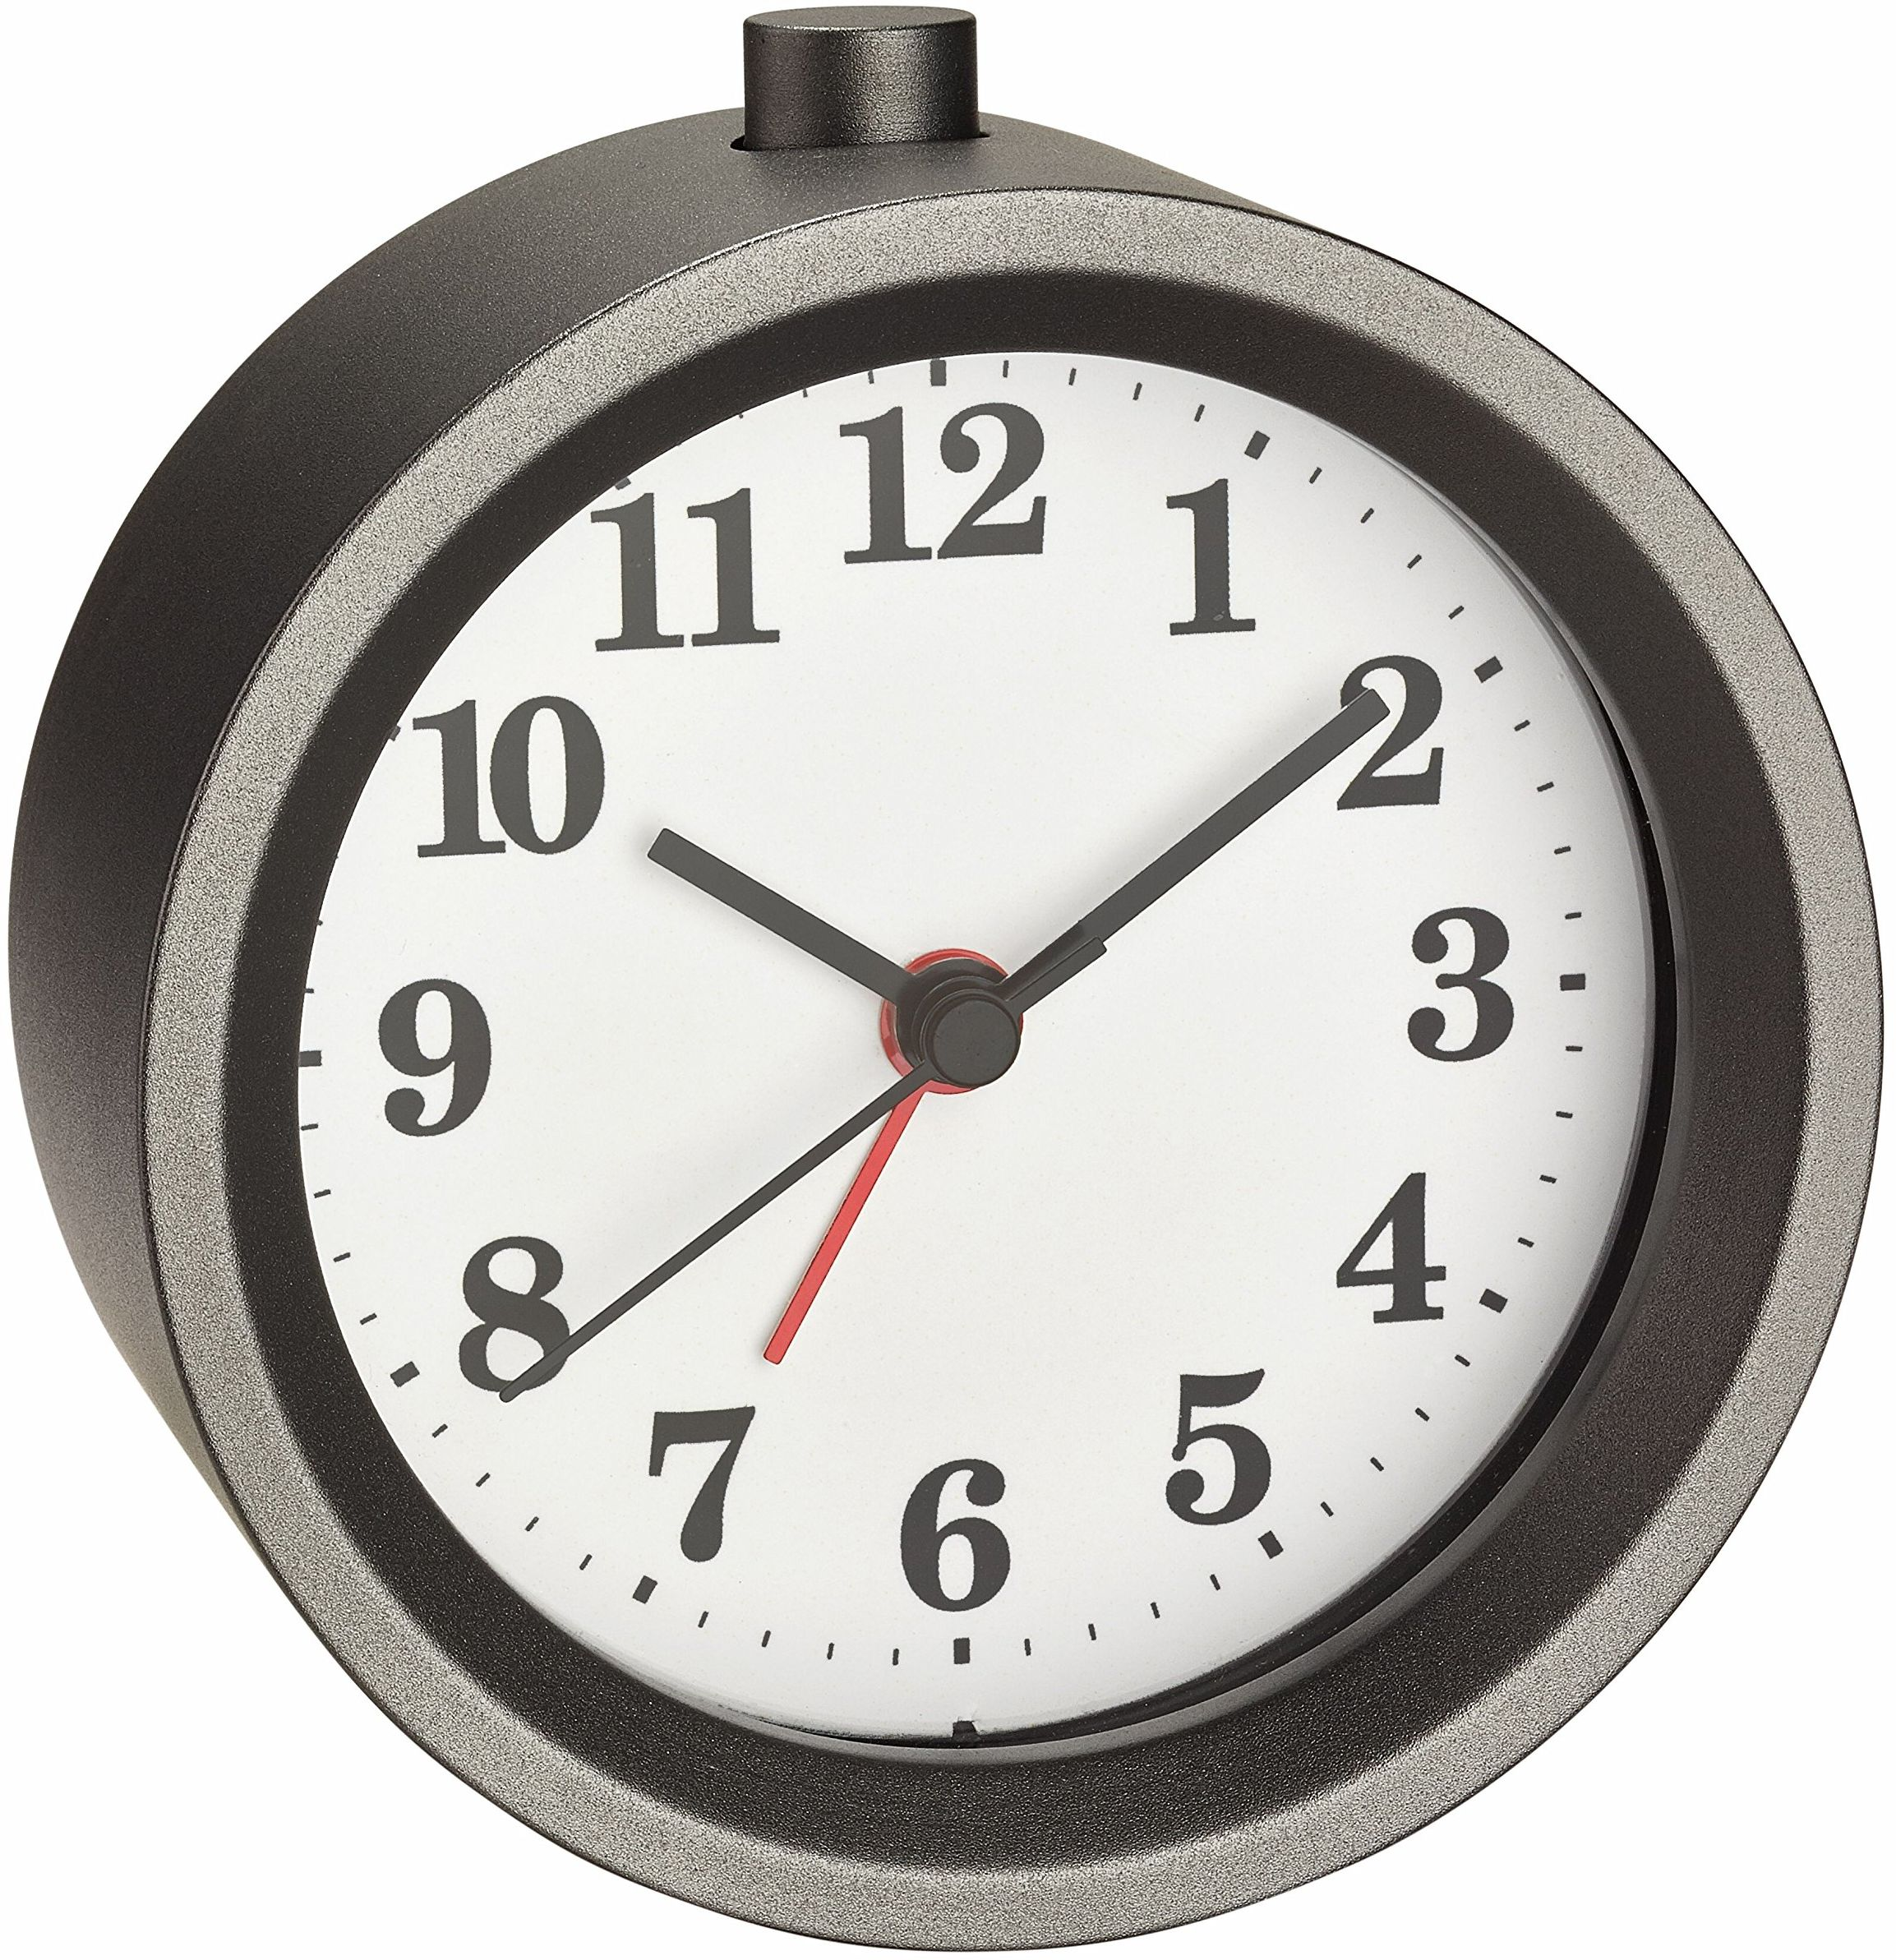 TFA Dostmann Analogowy budzik z metalu, 60.1026, z cichym mechanizmem zegarowym, budzik z funkcją drzemki, szary, dł. 100 x szer. 57 x wys. 136 mm